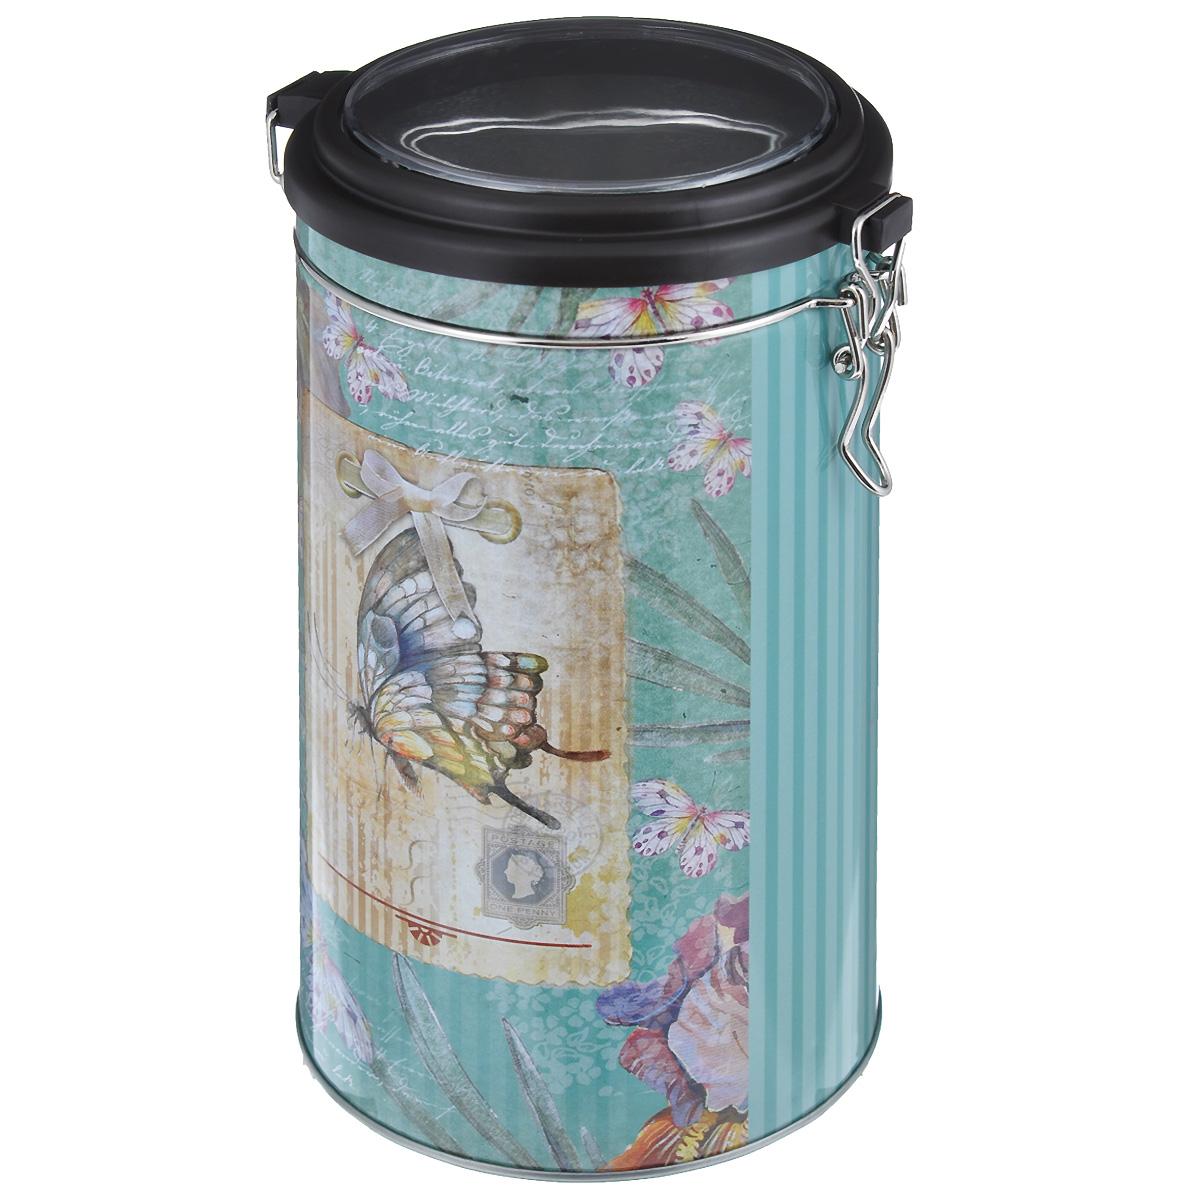 Банка для сыпучих продуктов Феникс-презент Бабочка, 1,8 л37634Банка для сыпучих продуктов Феникс-презент Бабочка, изготовленная из окрашенного черного металла, оформлена ярким рисунком. Банка прекрасно подойдет для хранения различных сыпучих продуктов: специй, чая, кофе, сахара, круп и многого другого. Емкость плотно закрывается прозрачной пластиковой крышкой на металлический замок. Благодаря этому она будет дольше сохранять свежесть ваших продуктов.Функциональная и вместительная, такая банка станет незаменимым аксессуаром на любой кухне. Нельзя мыть в посудомоечной машине.Объем банки: 1,8 л.Высота банки (без учета крышки): 17,4 см. Диаметр банки (по верхнему краю): 10,5 см.